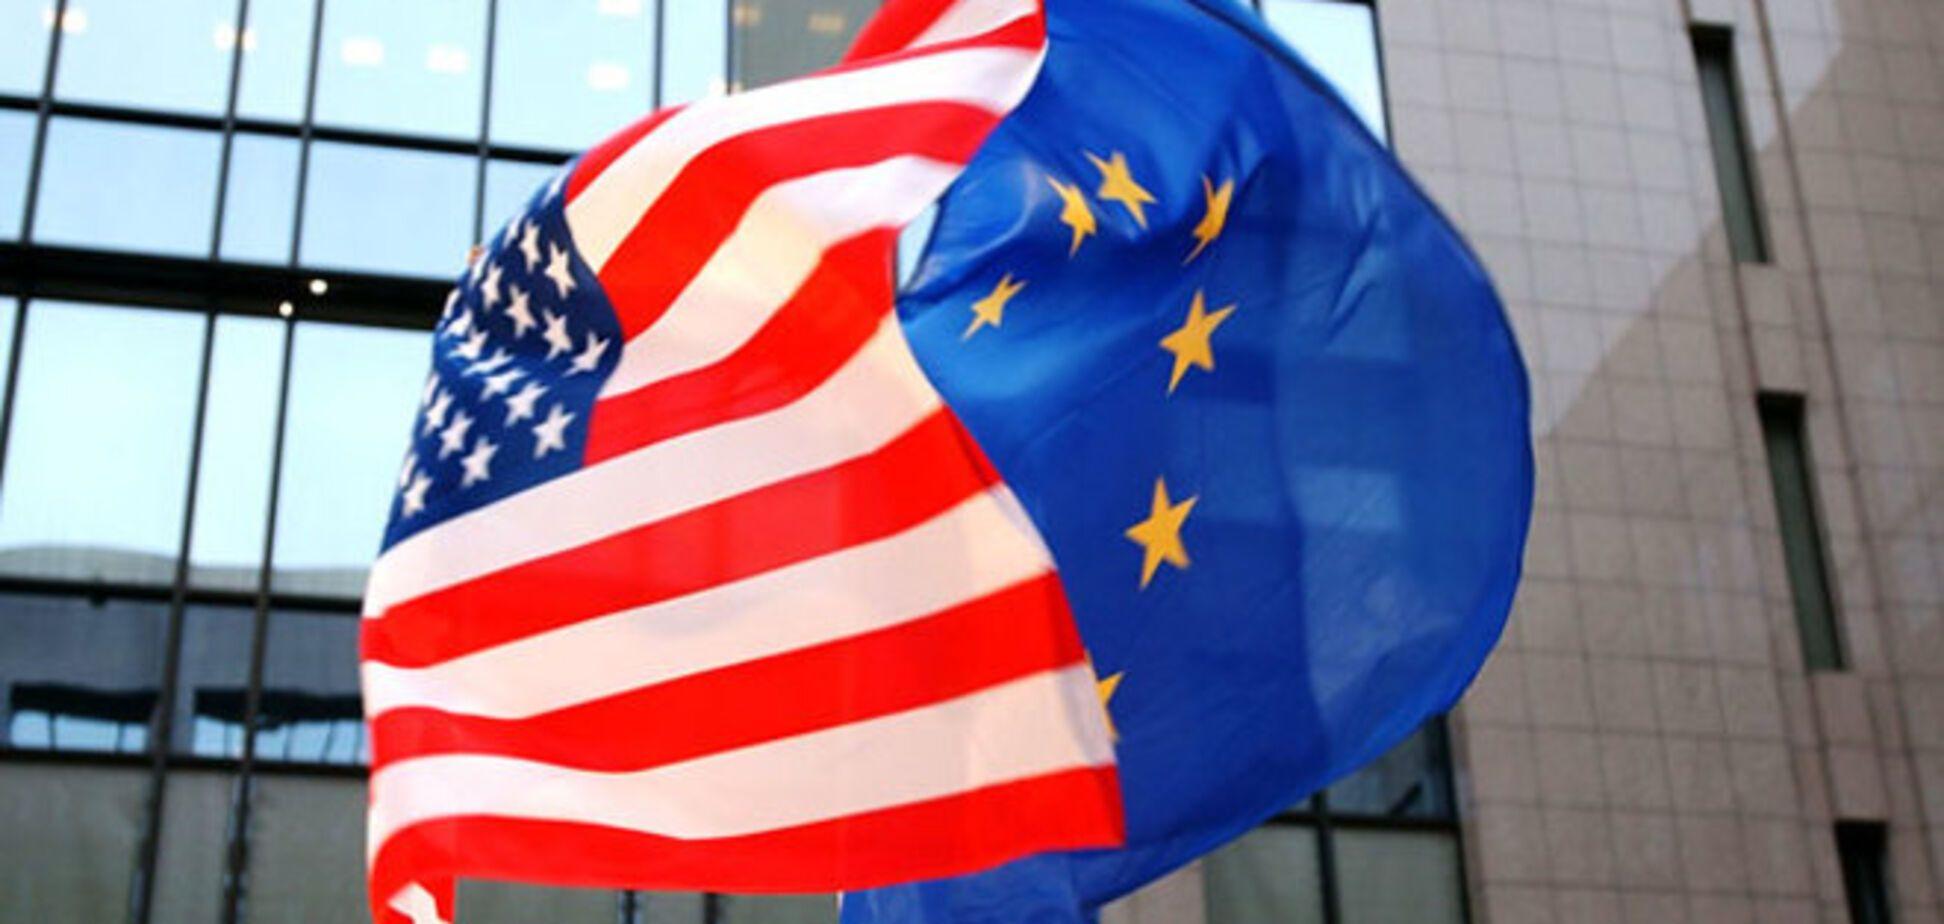 США и ЕС совместно намерены принять санкции против России